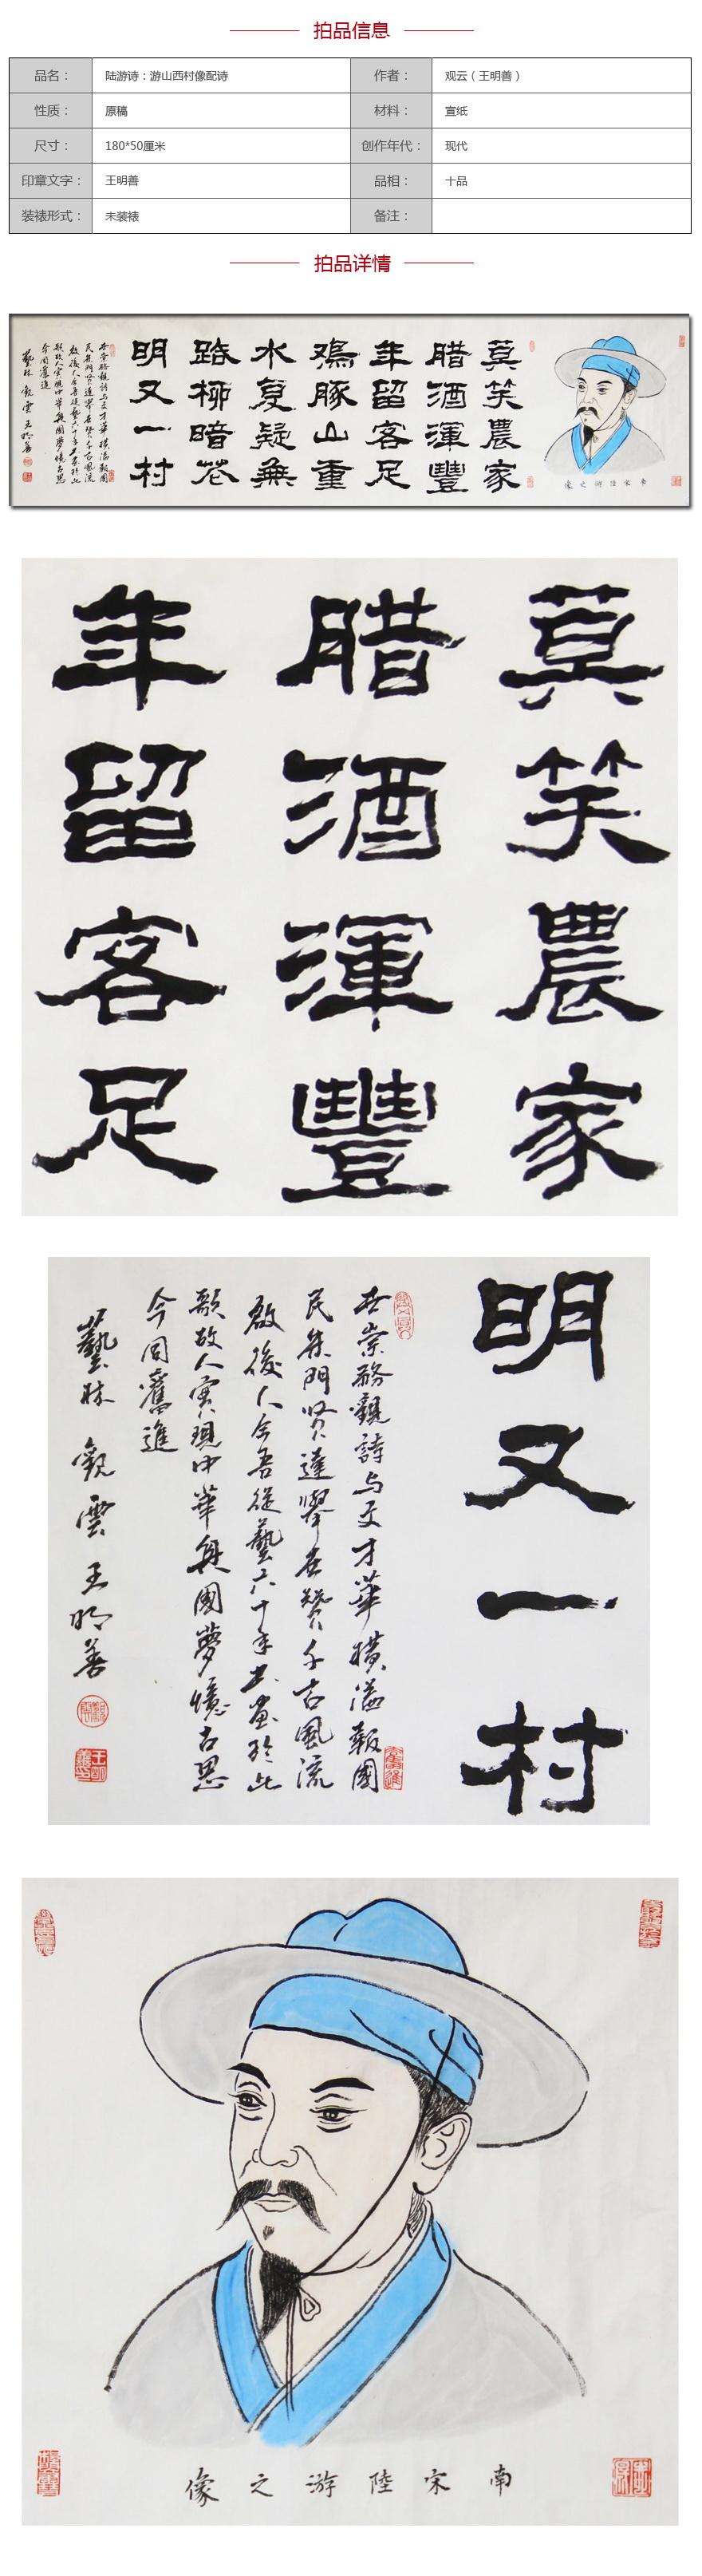 观云王明善名人像配诗系列:陆游游山西村诗配像,尺寸180-50厘米